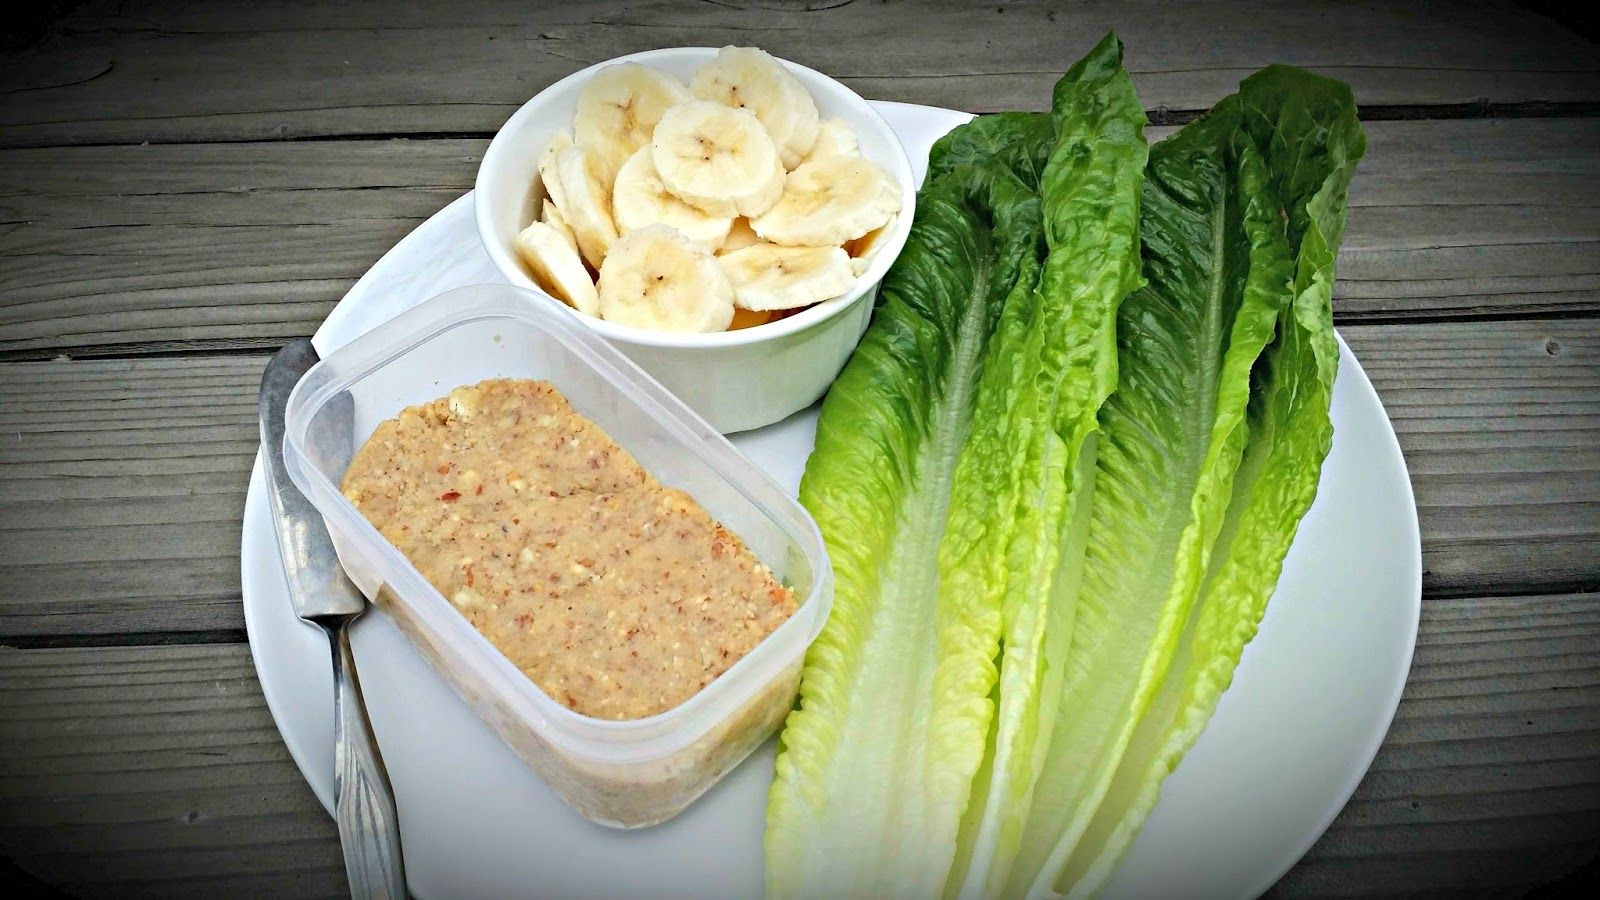 Romaine Lettuce, Homemade AlmondCashew Butter, and Sliced